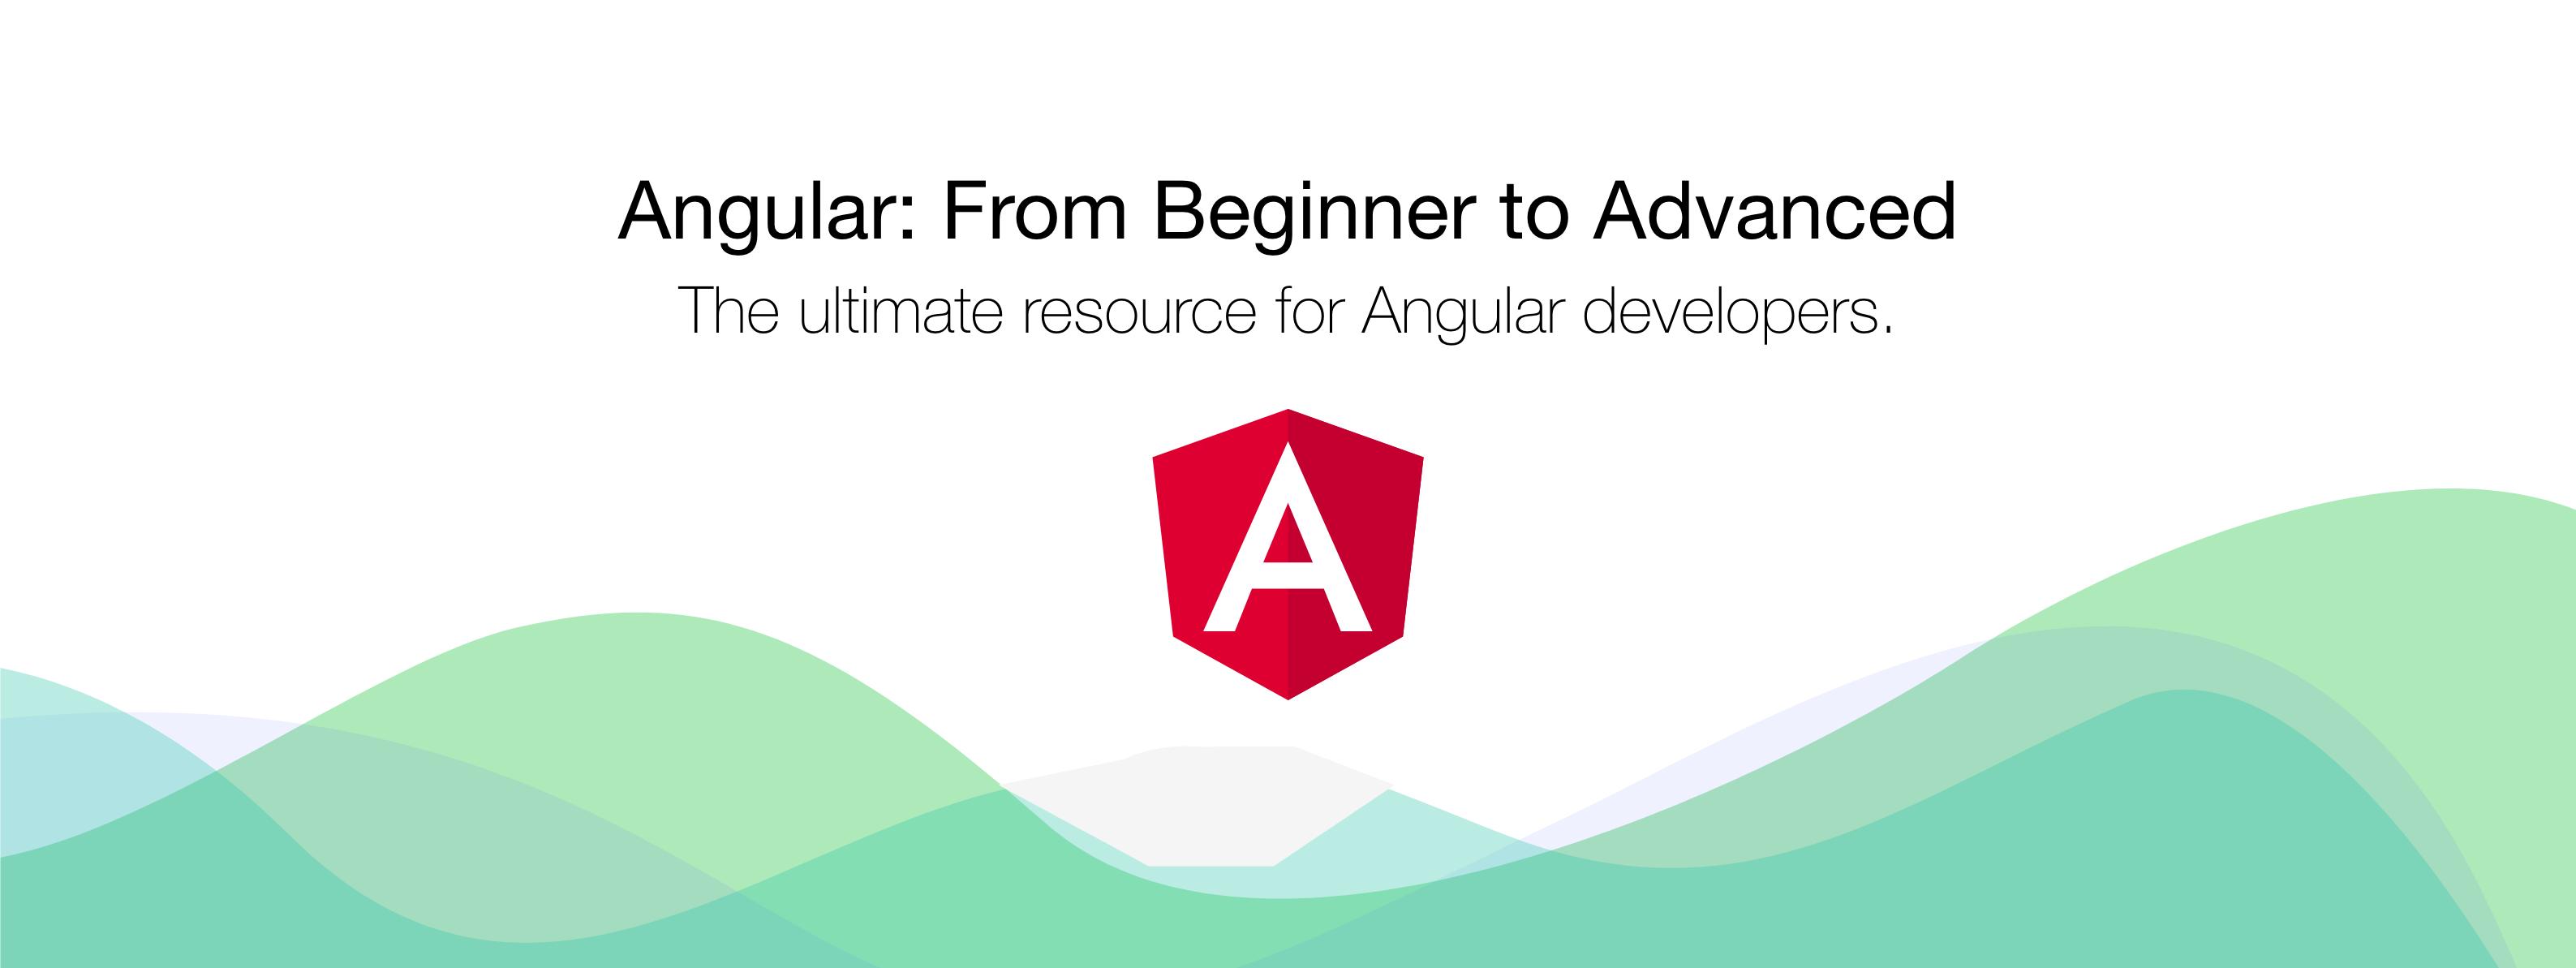 Angular: From Beginner to Advanced | Developer School